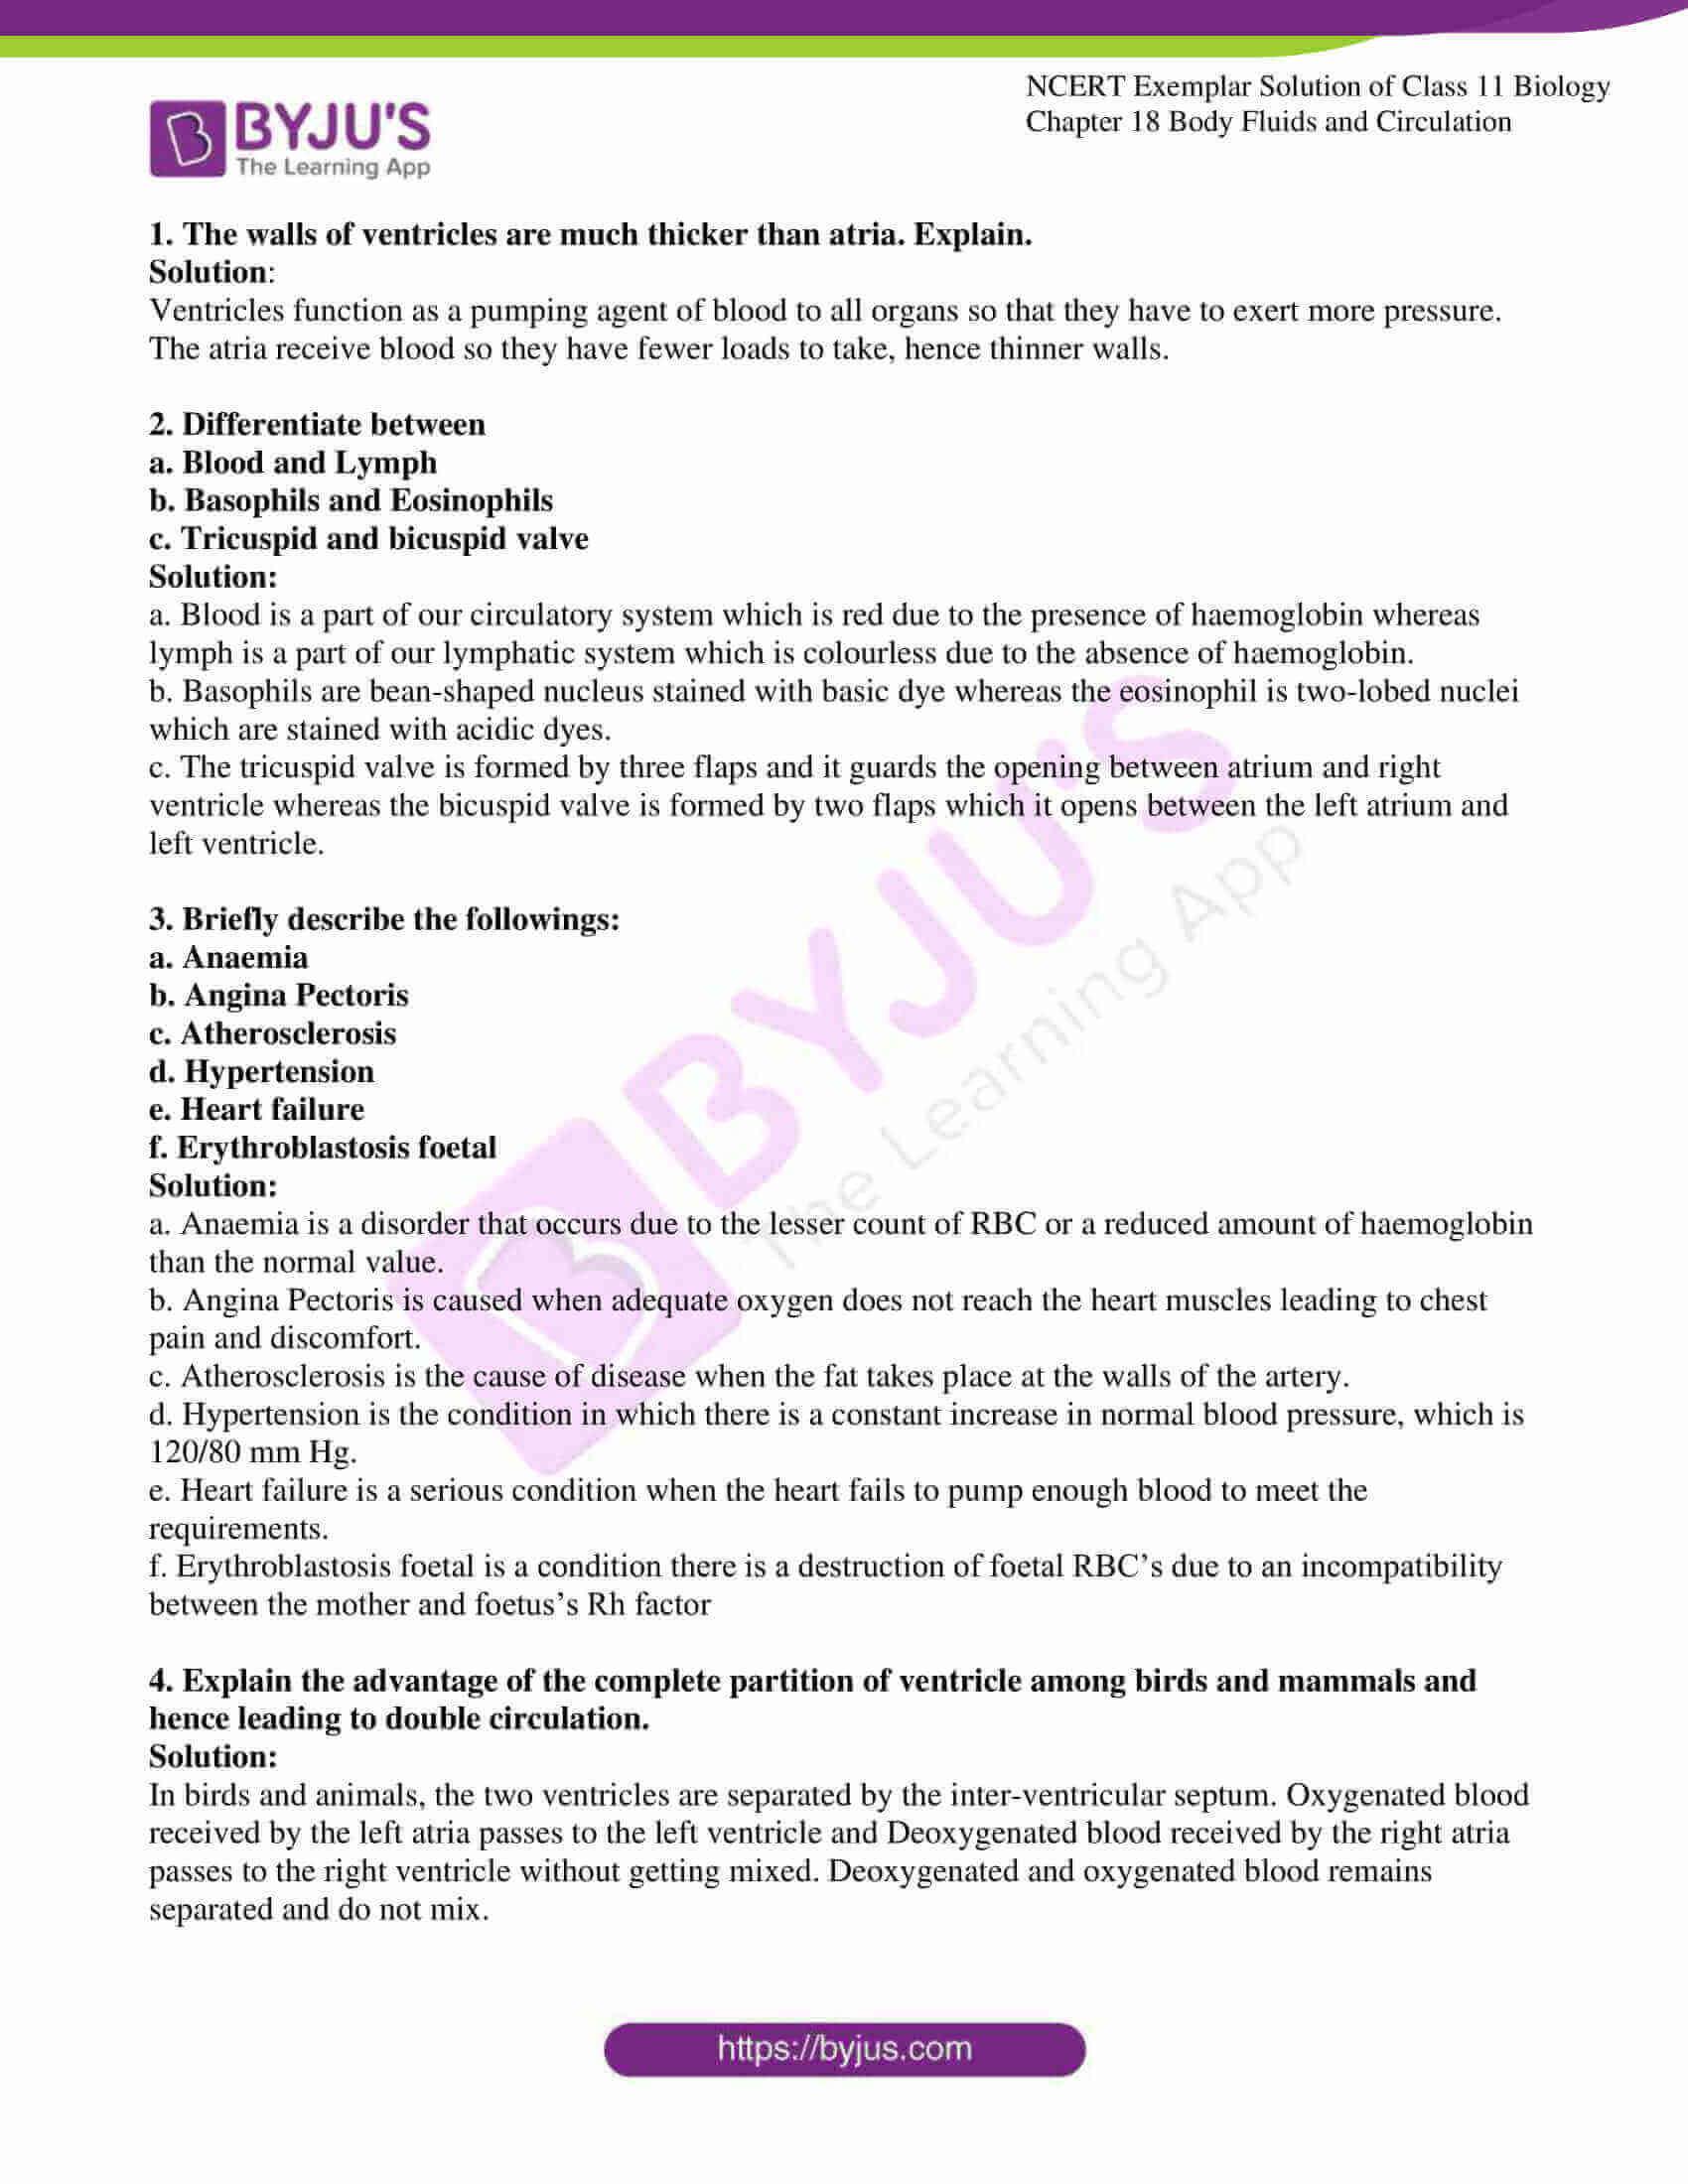 ncert exemplar solutions class 11 biology chapter 18 07